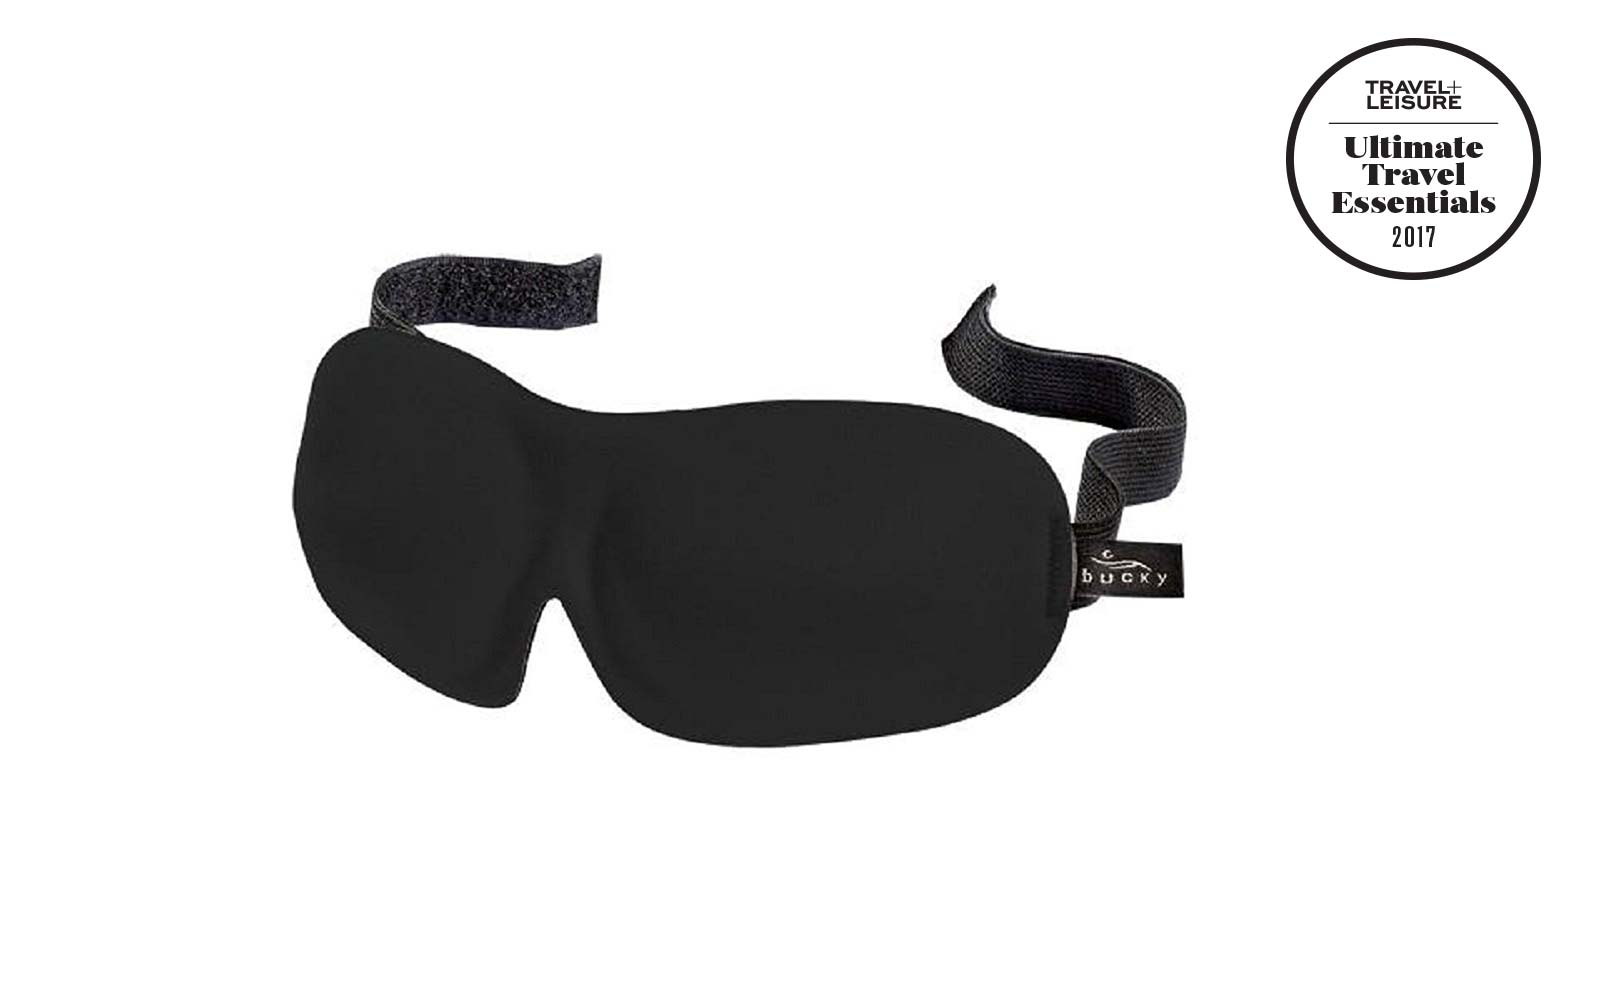 Bucky Sleep Mask Gift Guide Under $25